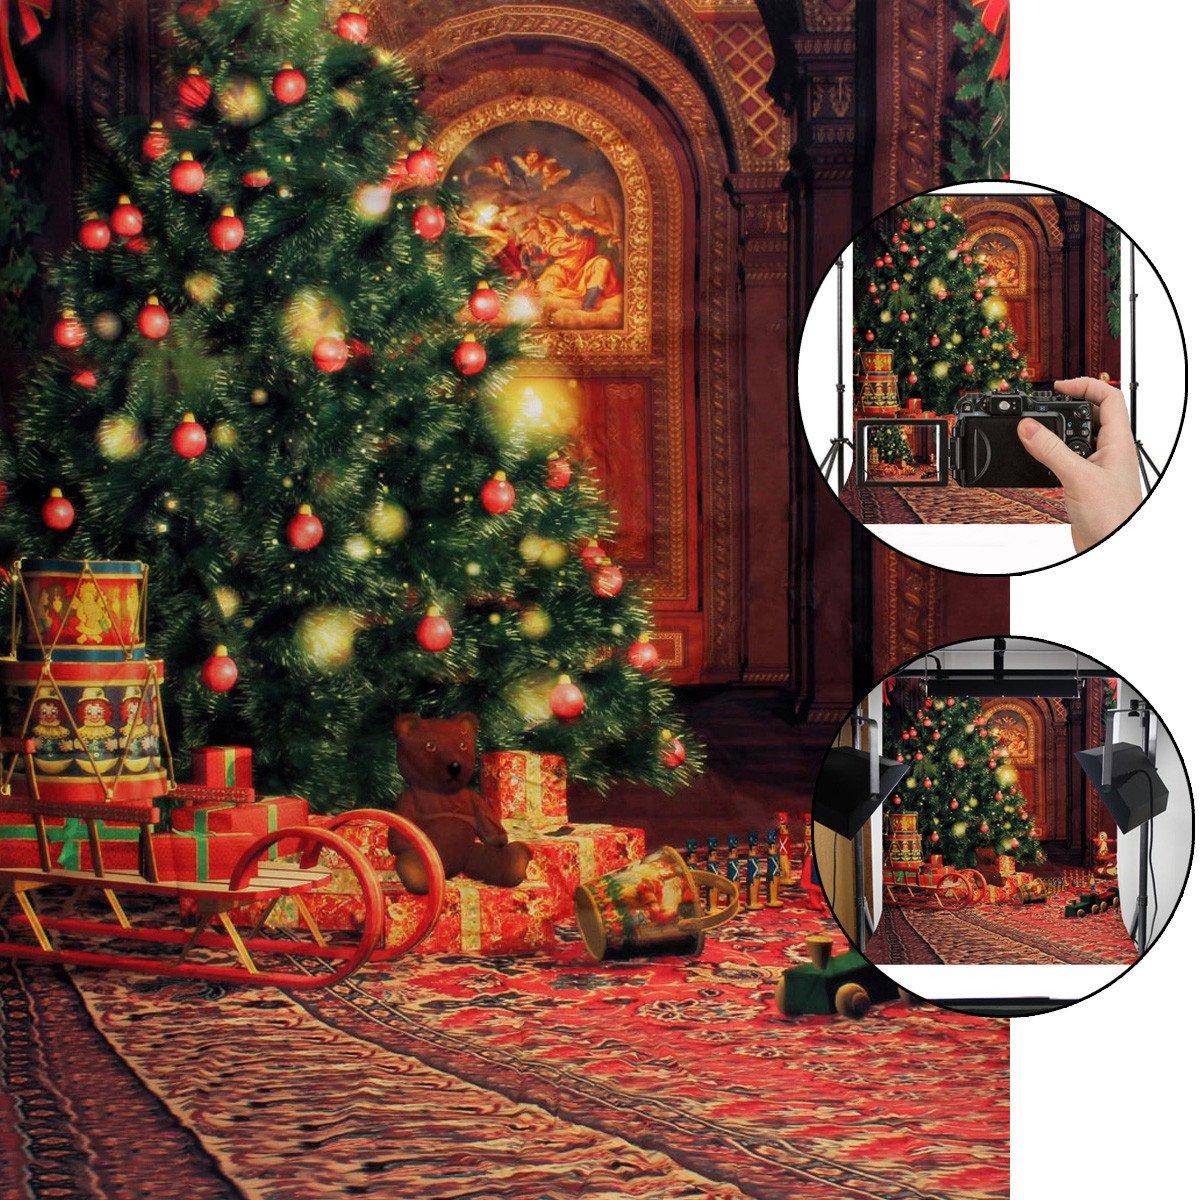 CAMTOA Weihnachts Fotohintergrund, 5X7ft Weihnachten Hintergrund ...